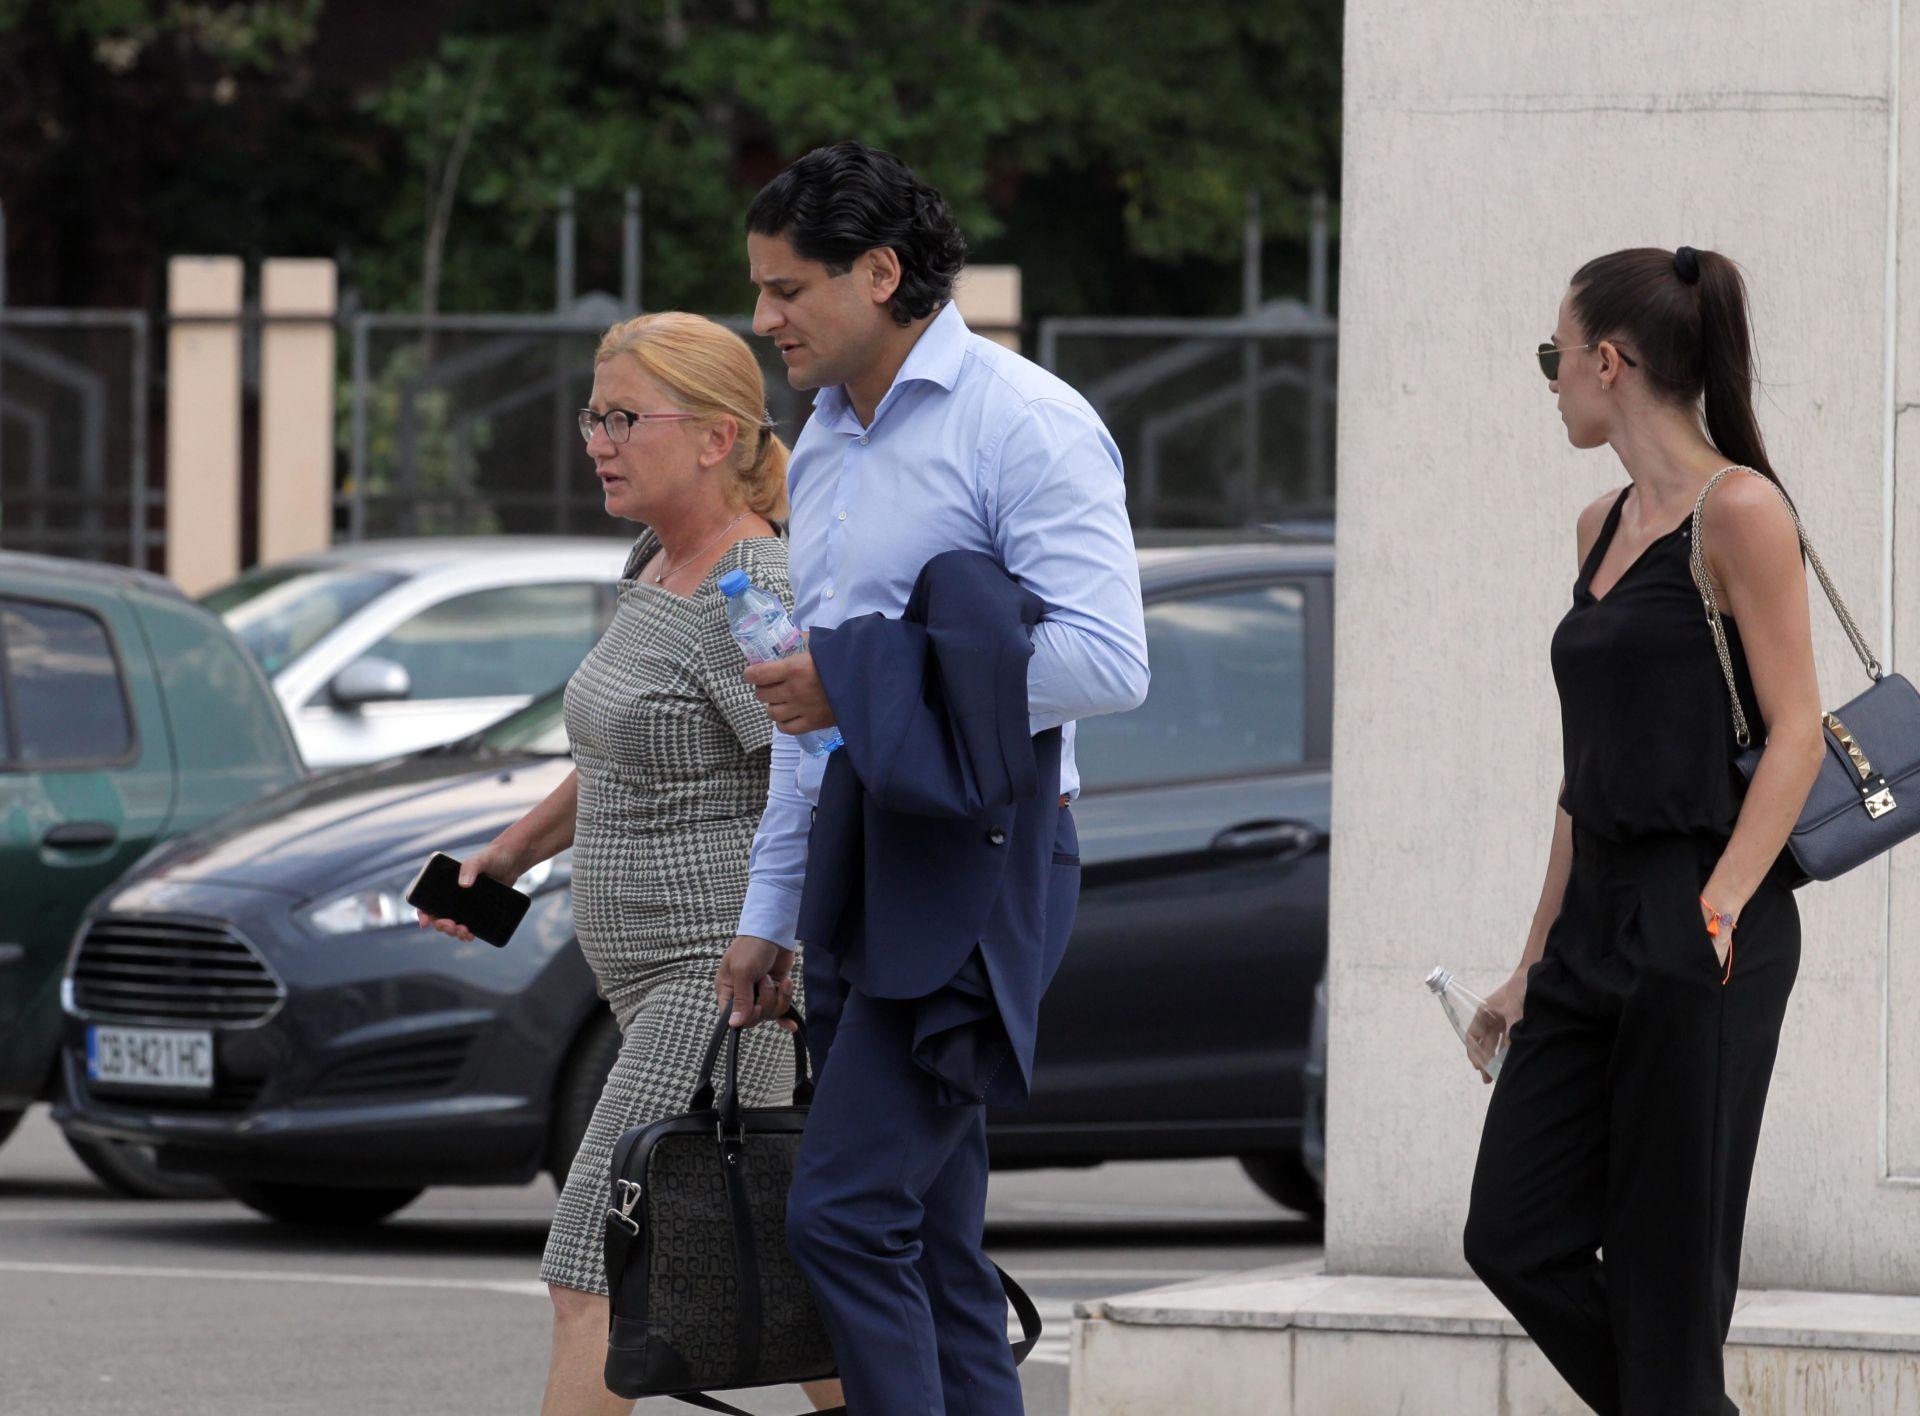 Сред защитниците на бизнесмена е известната адвокатка Ина Лулчева (вляво)